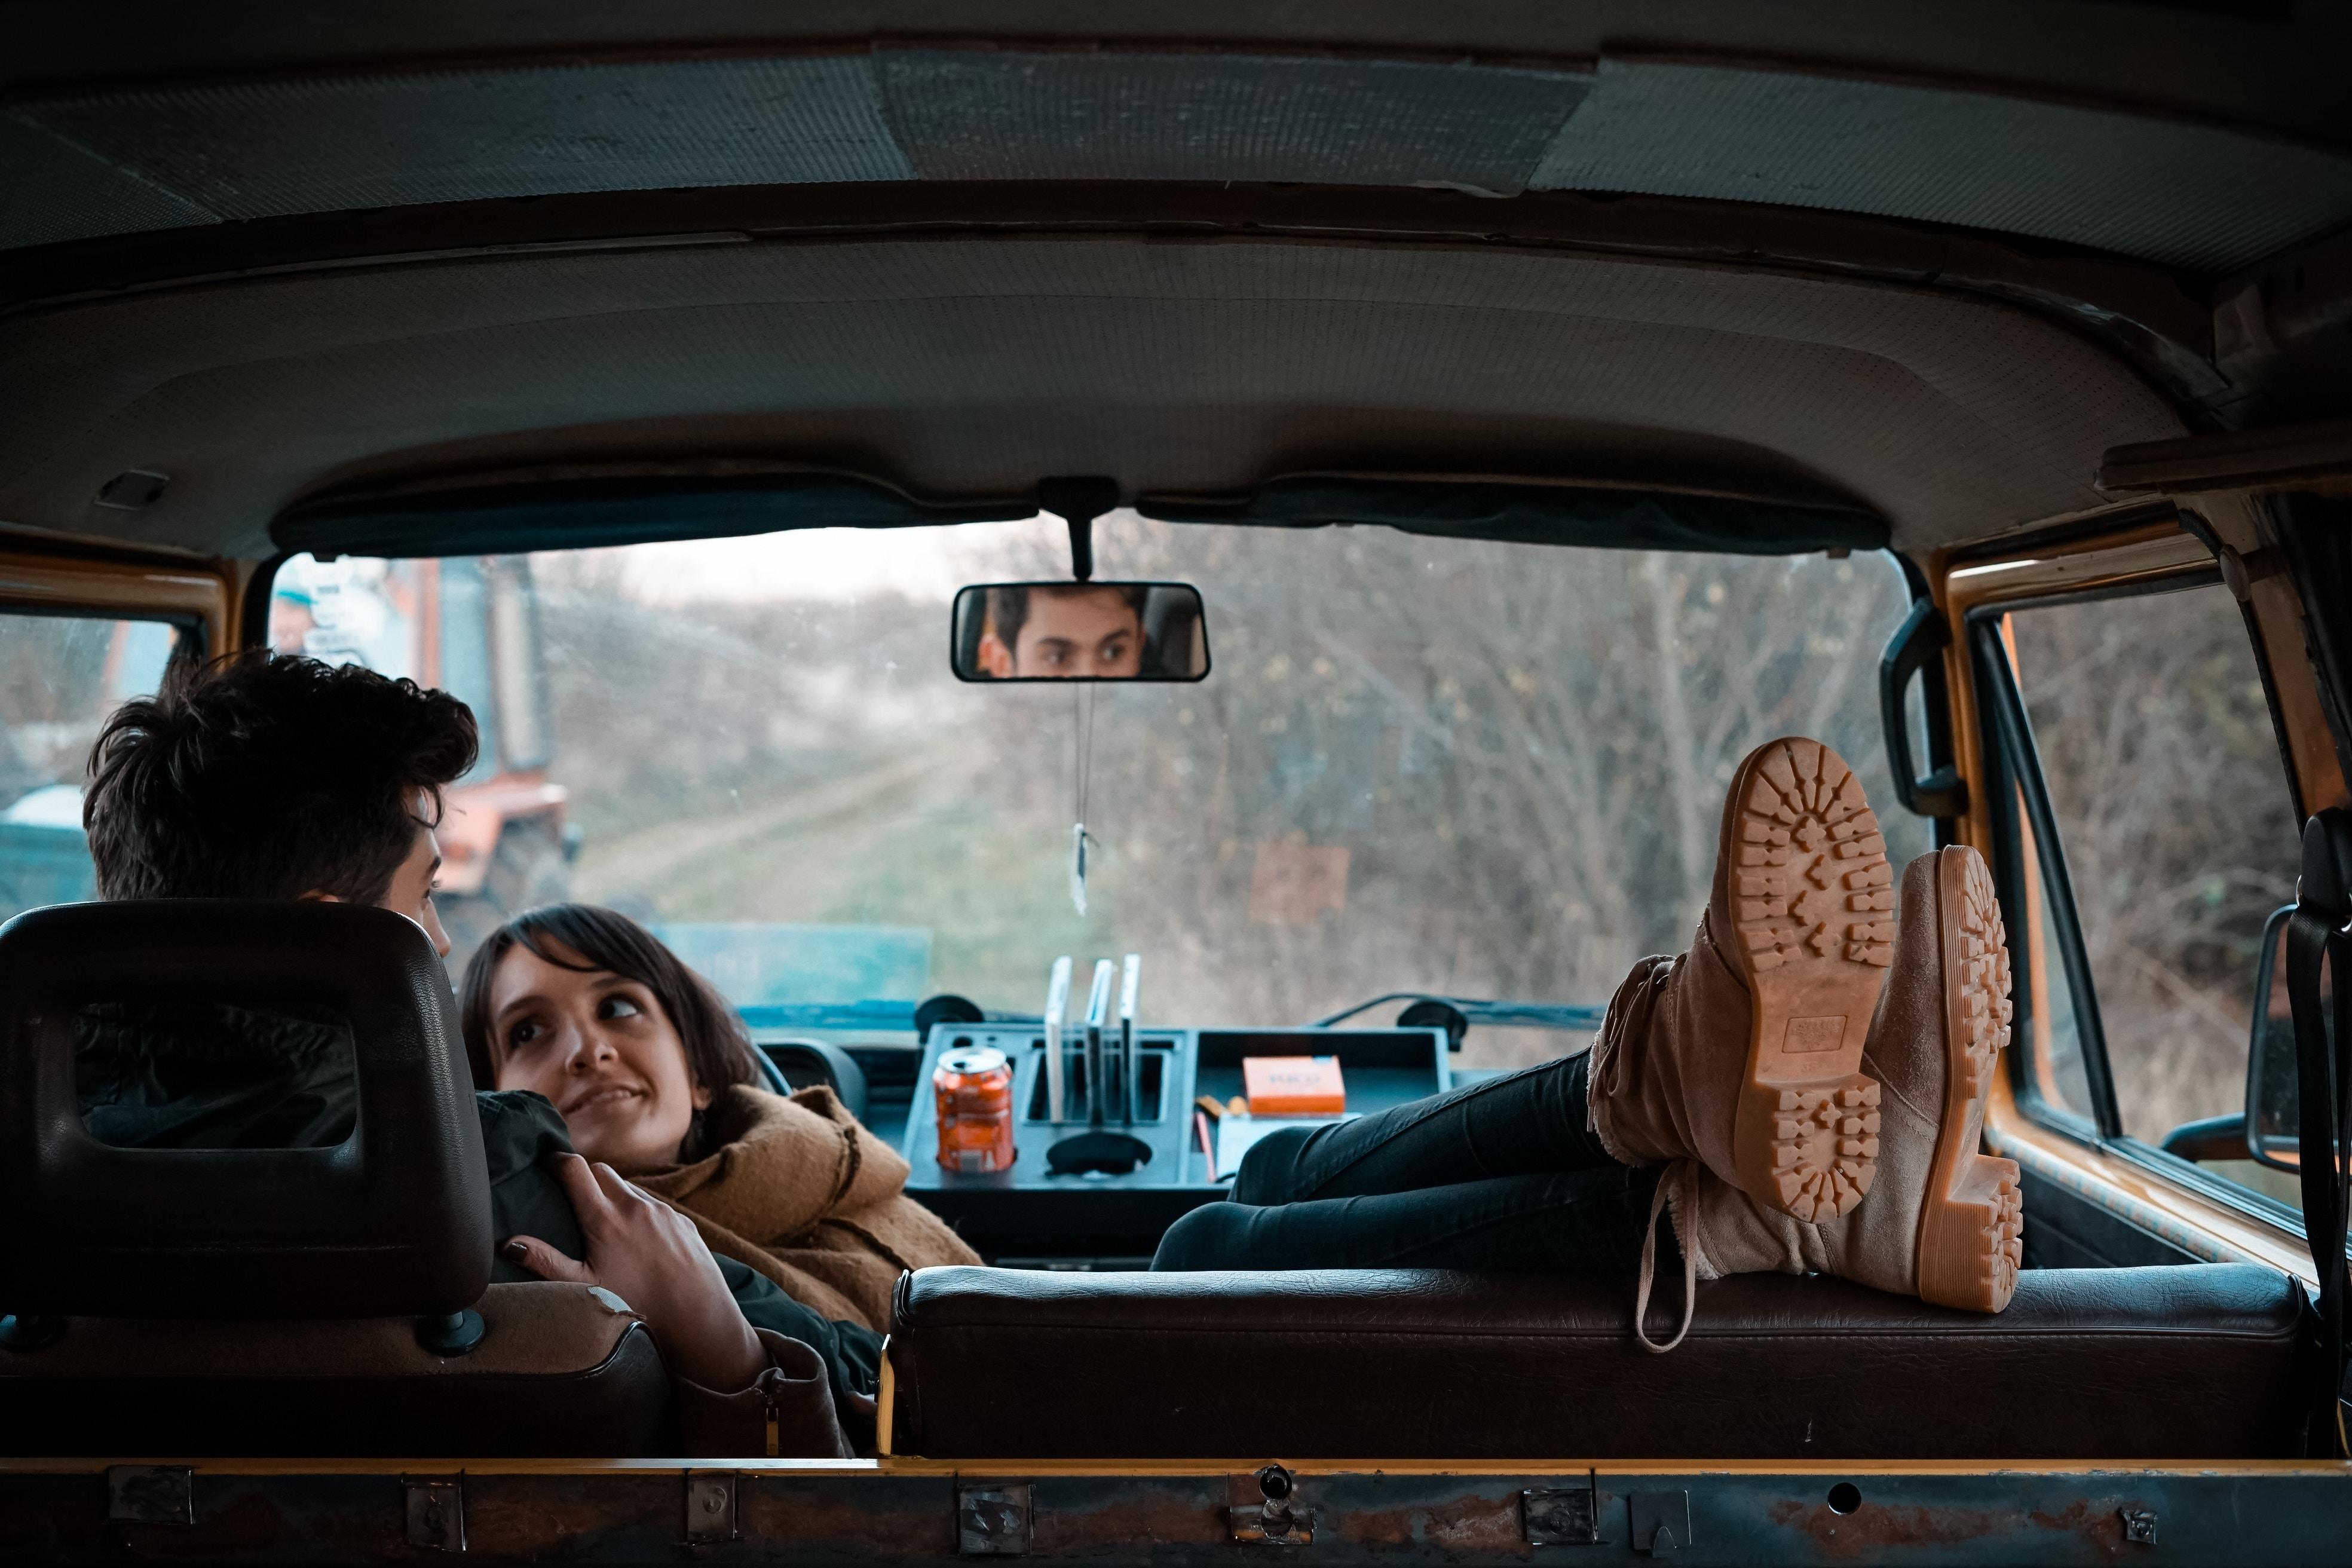 voyage de noces en camping car